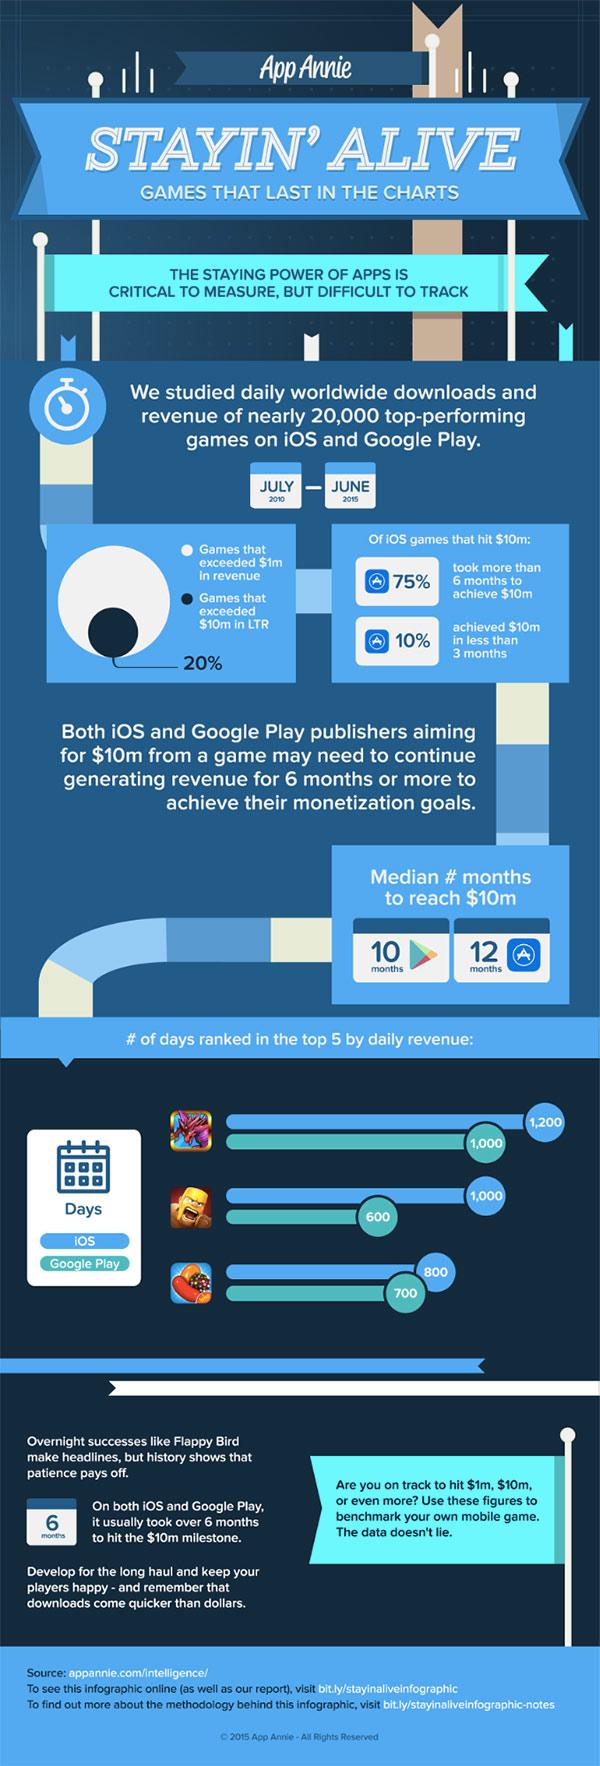 Les-jeux-mobiles-connaissent-un-succès-plus-important-et-plus-rapidement-sur-iOS-que-sur-Android